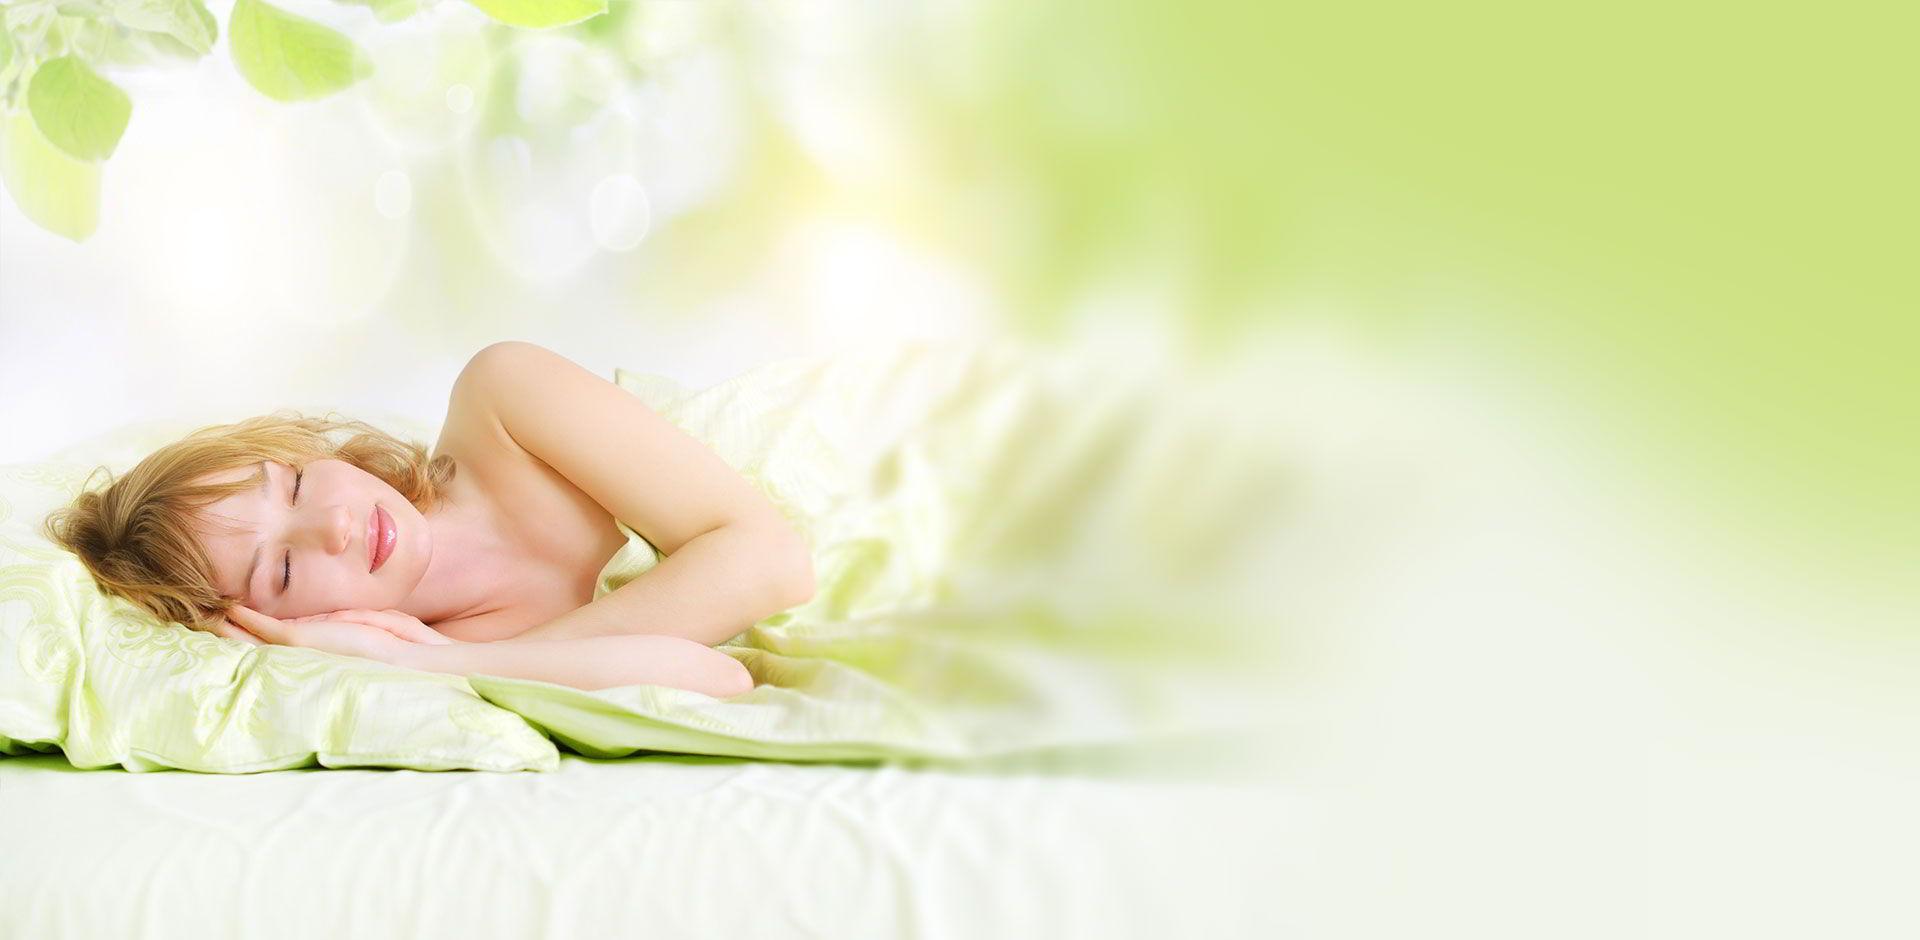 Une femme dort paisiblement dans une ambiance zen